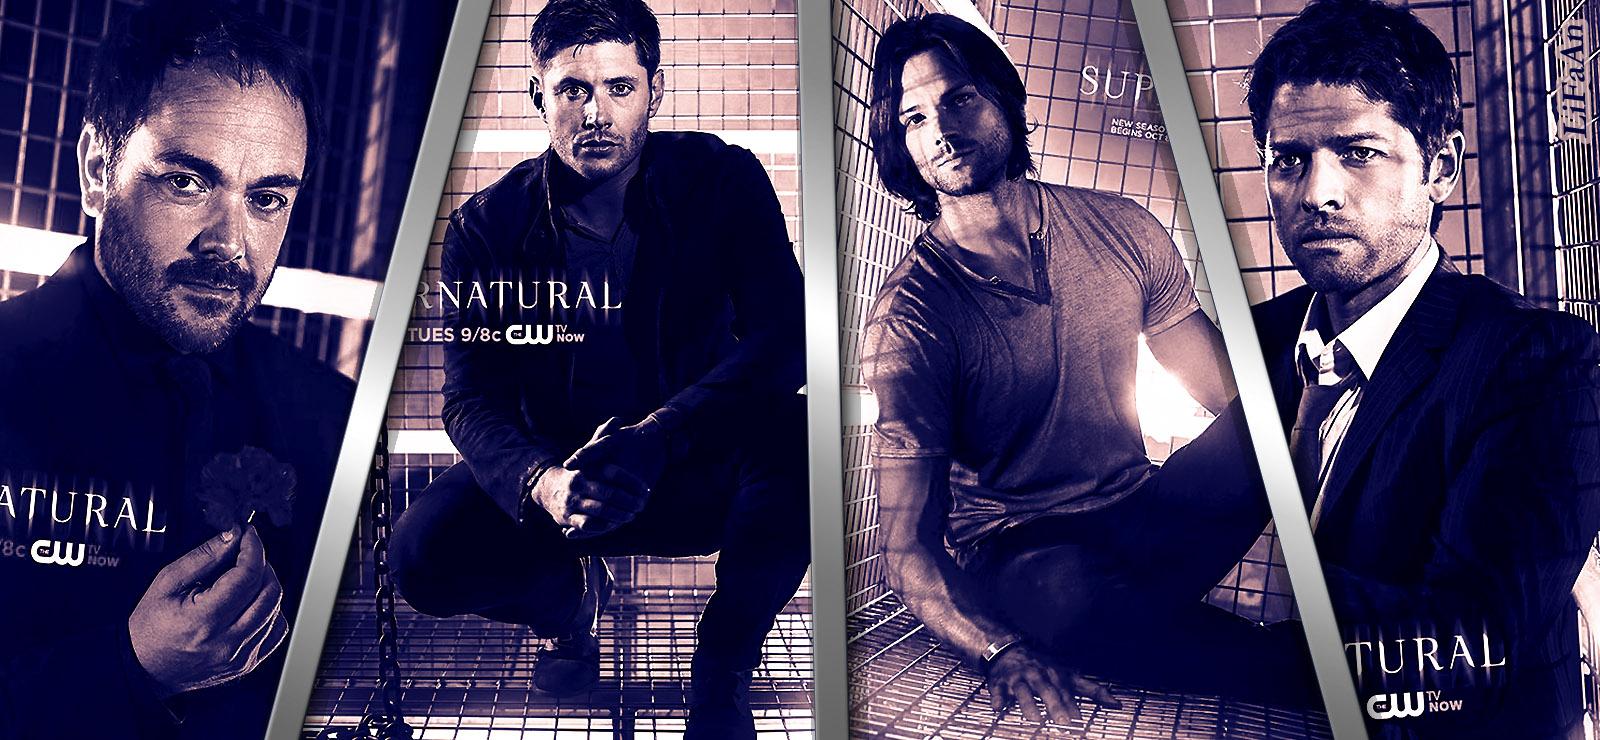 Supernatural - season 9 by LiFaAn